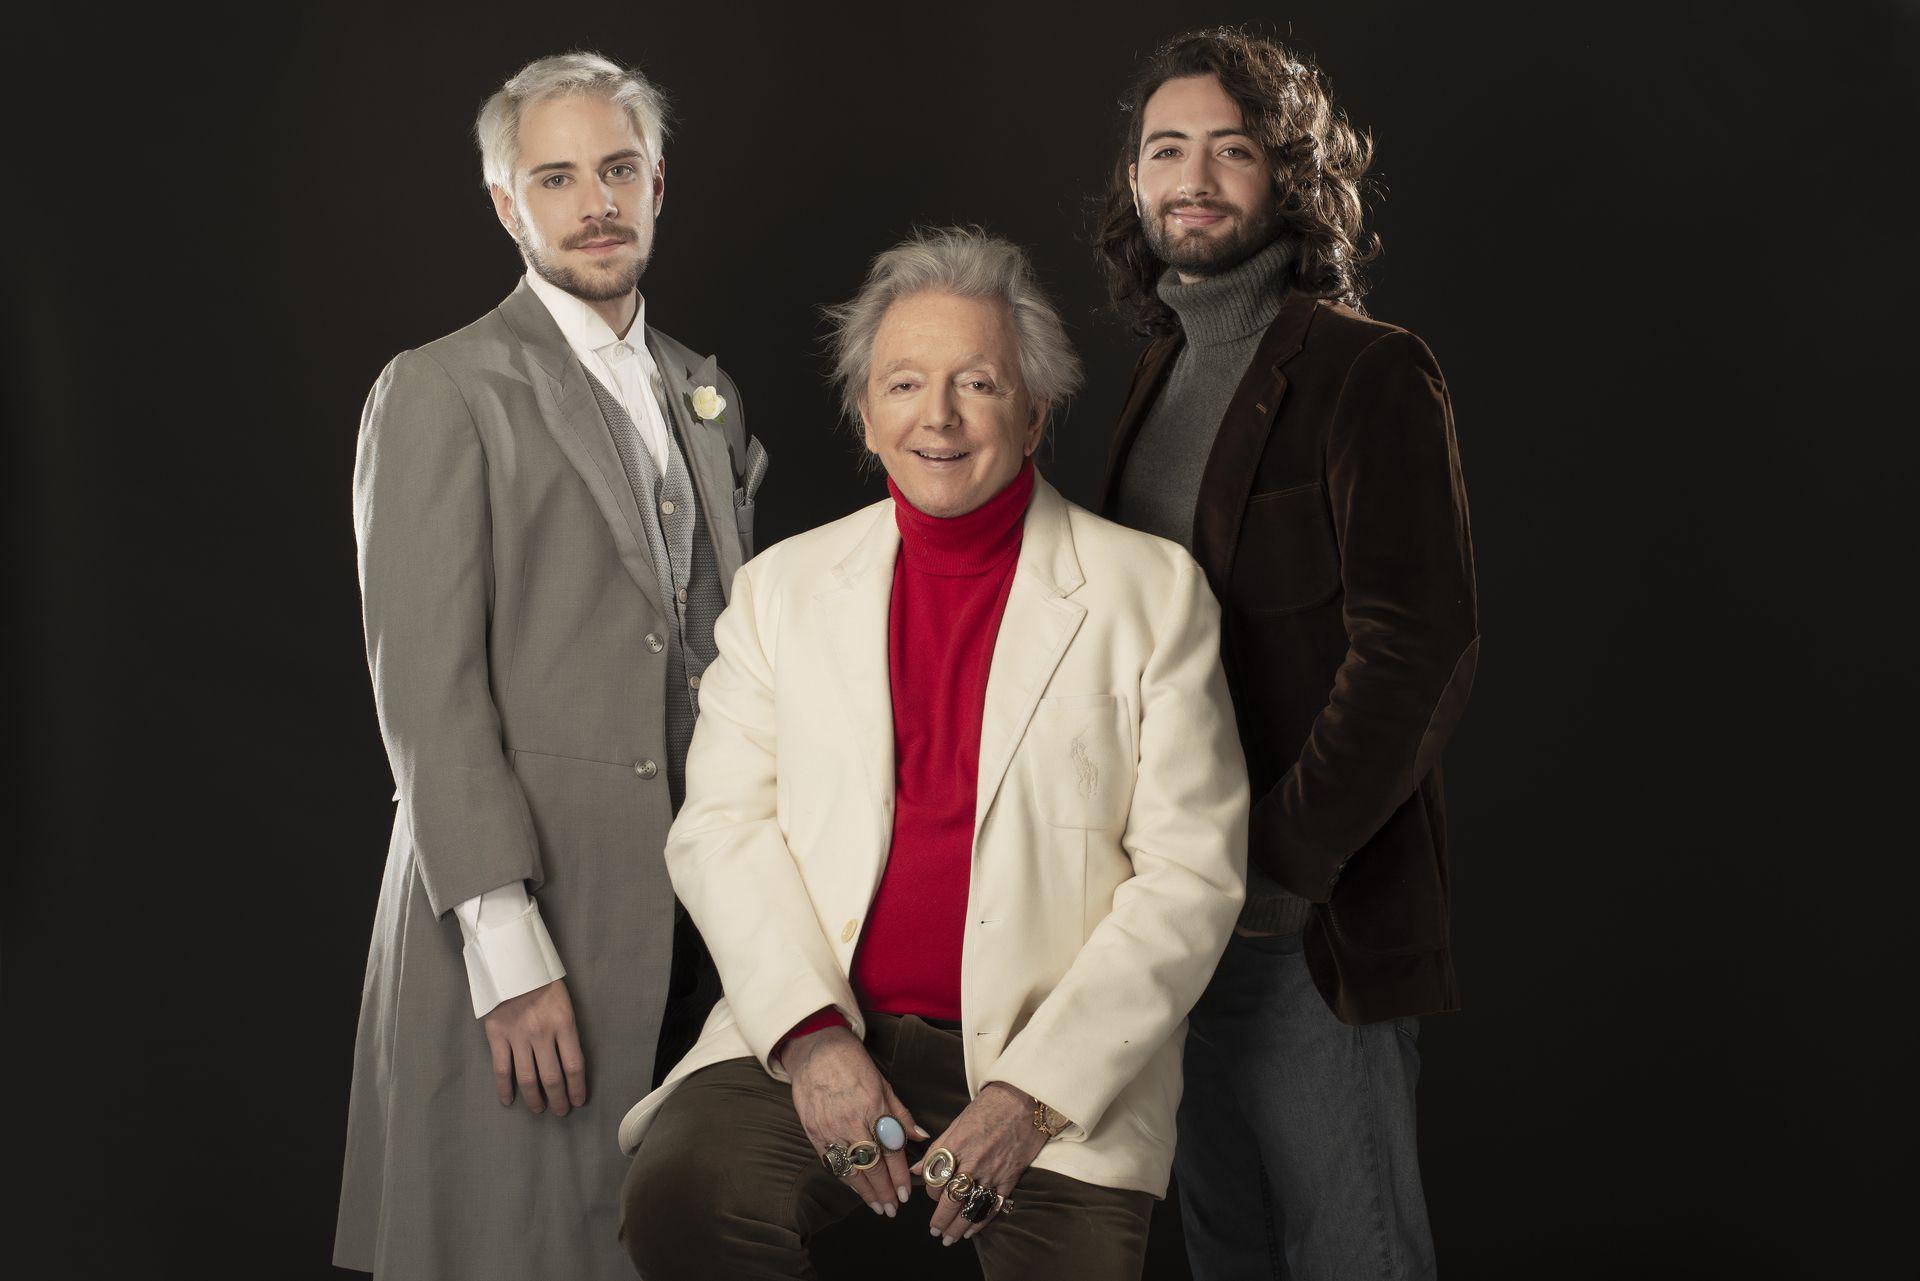 Pepe Cibrián, junto con Maximiliano Airieto y Luis Machuca, protagonistas de su nuevo musical, Infierno blanco